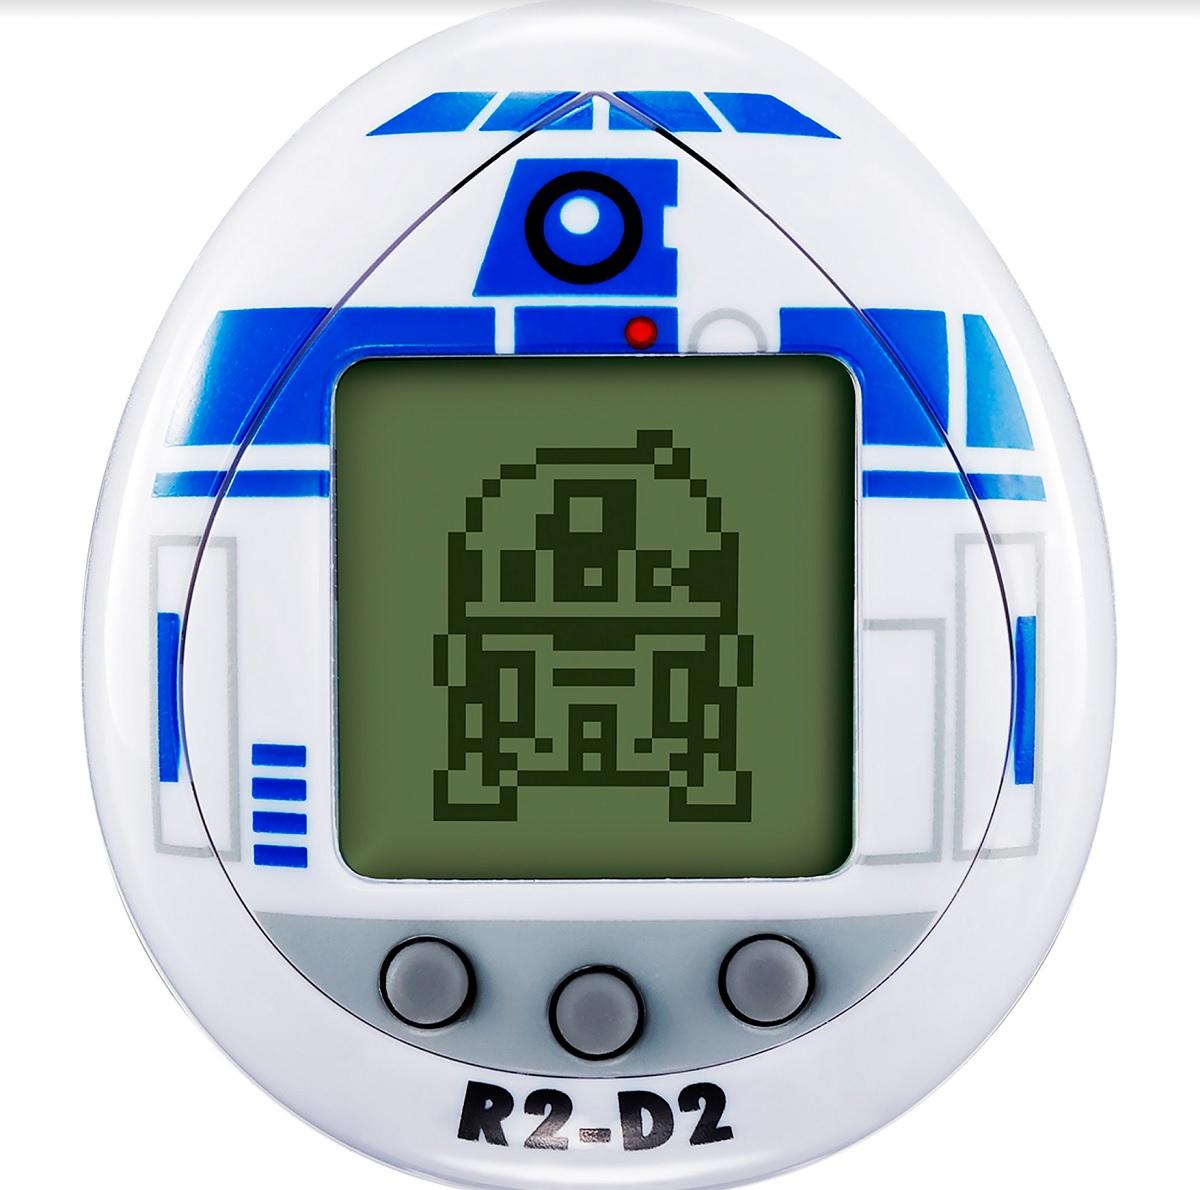 Beep-Beep: Bandai Namco is launching a Star Wars R2-D2 Tamagotchi 4